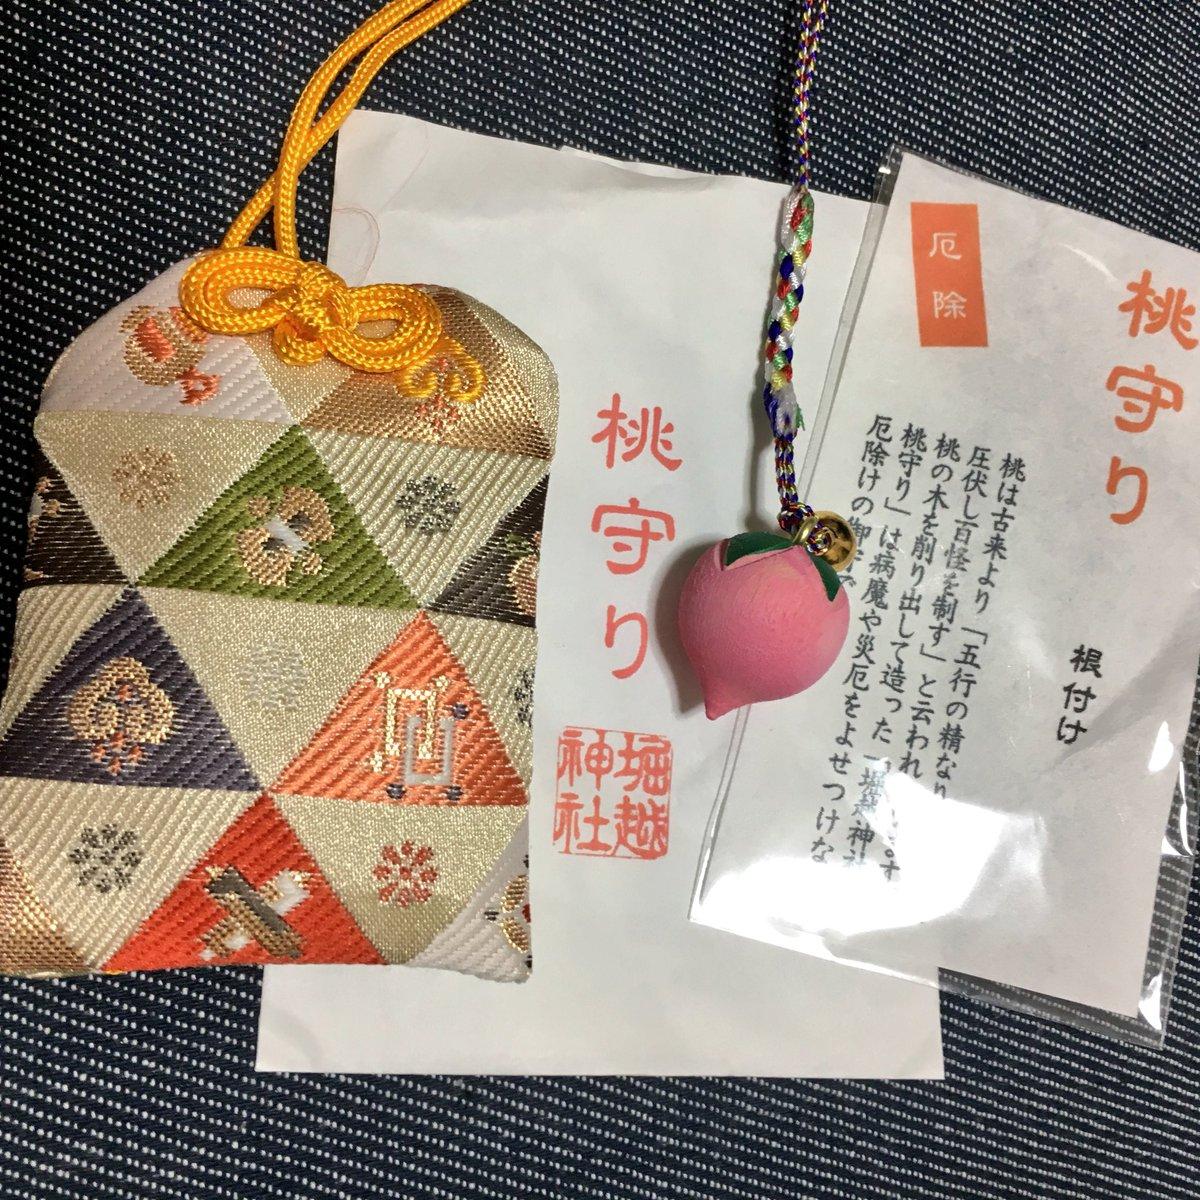 お守り 堀越 神社